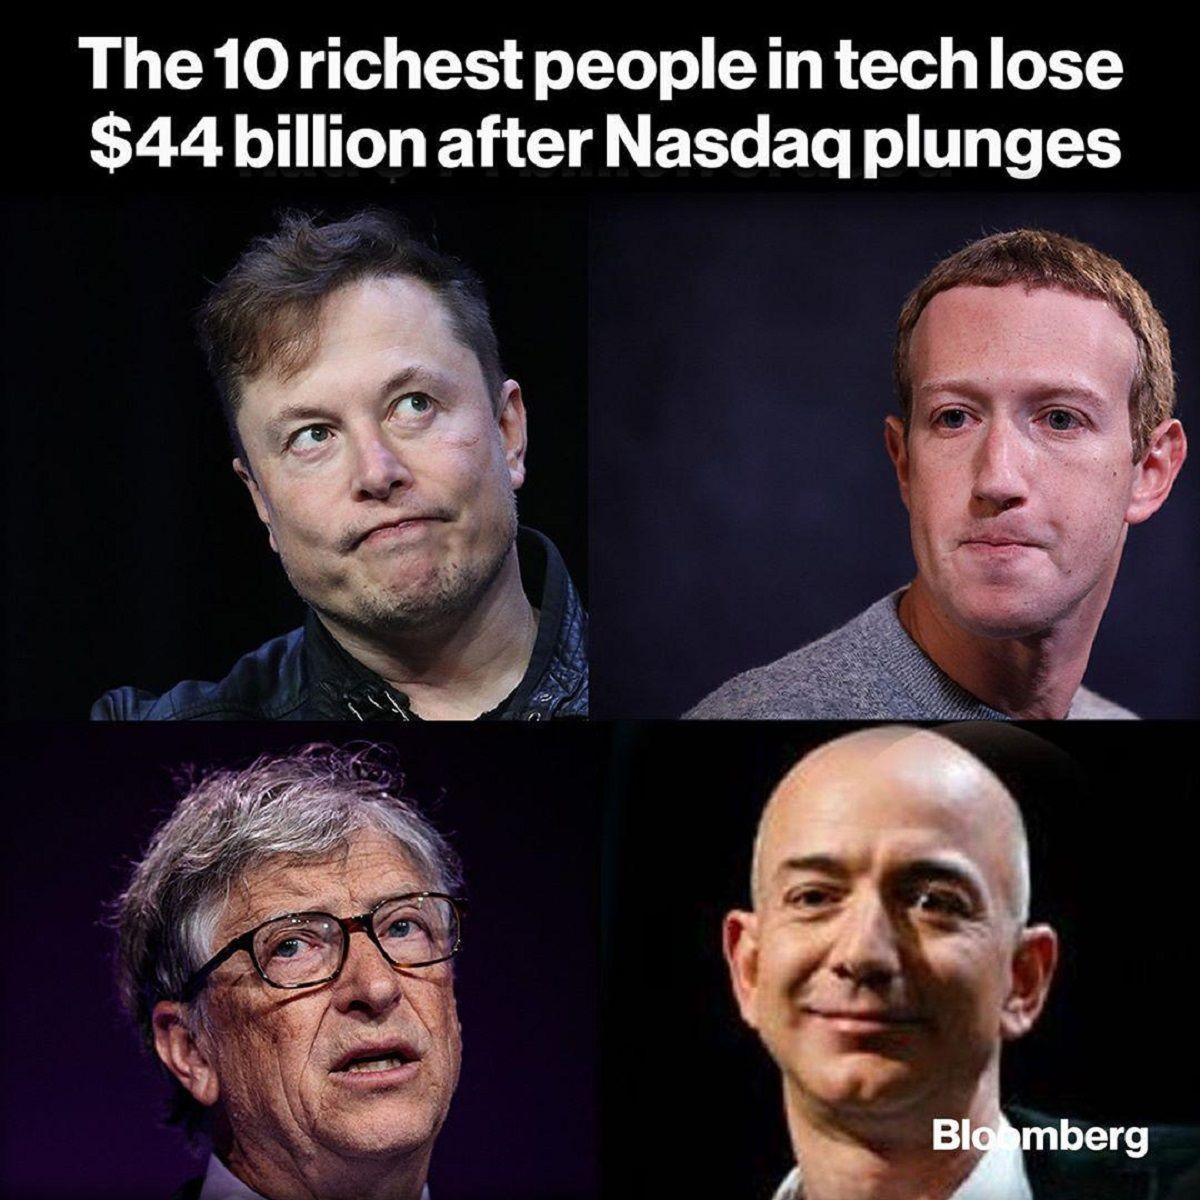 ۱۰ثروتمند جهان ۴۴میلیارد دلار از دست دادند!/ روزهای سبز بازار بورس آمریکا به اتمام رسید؟